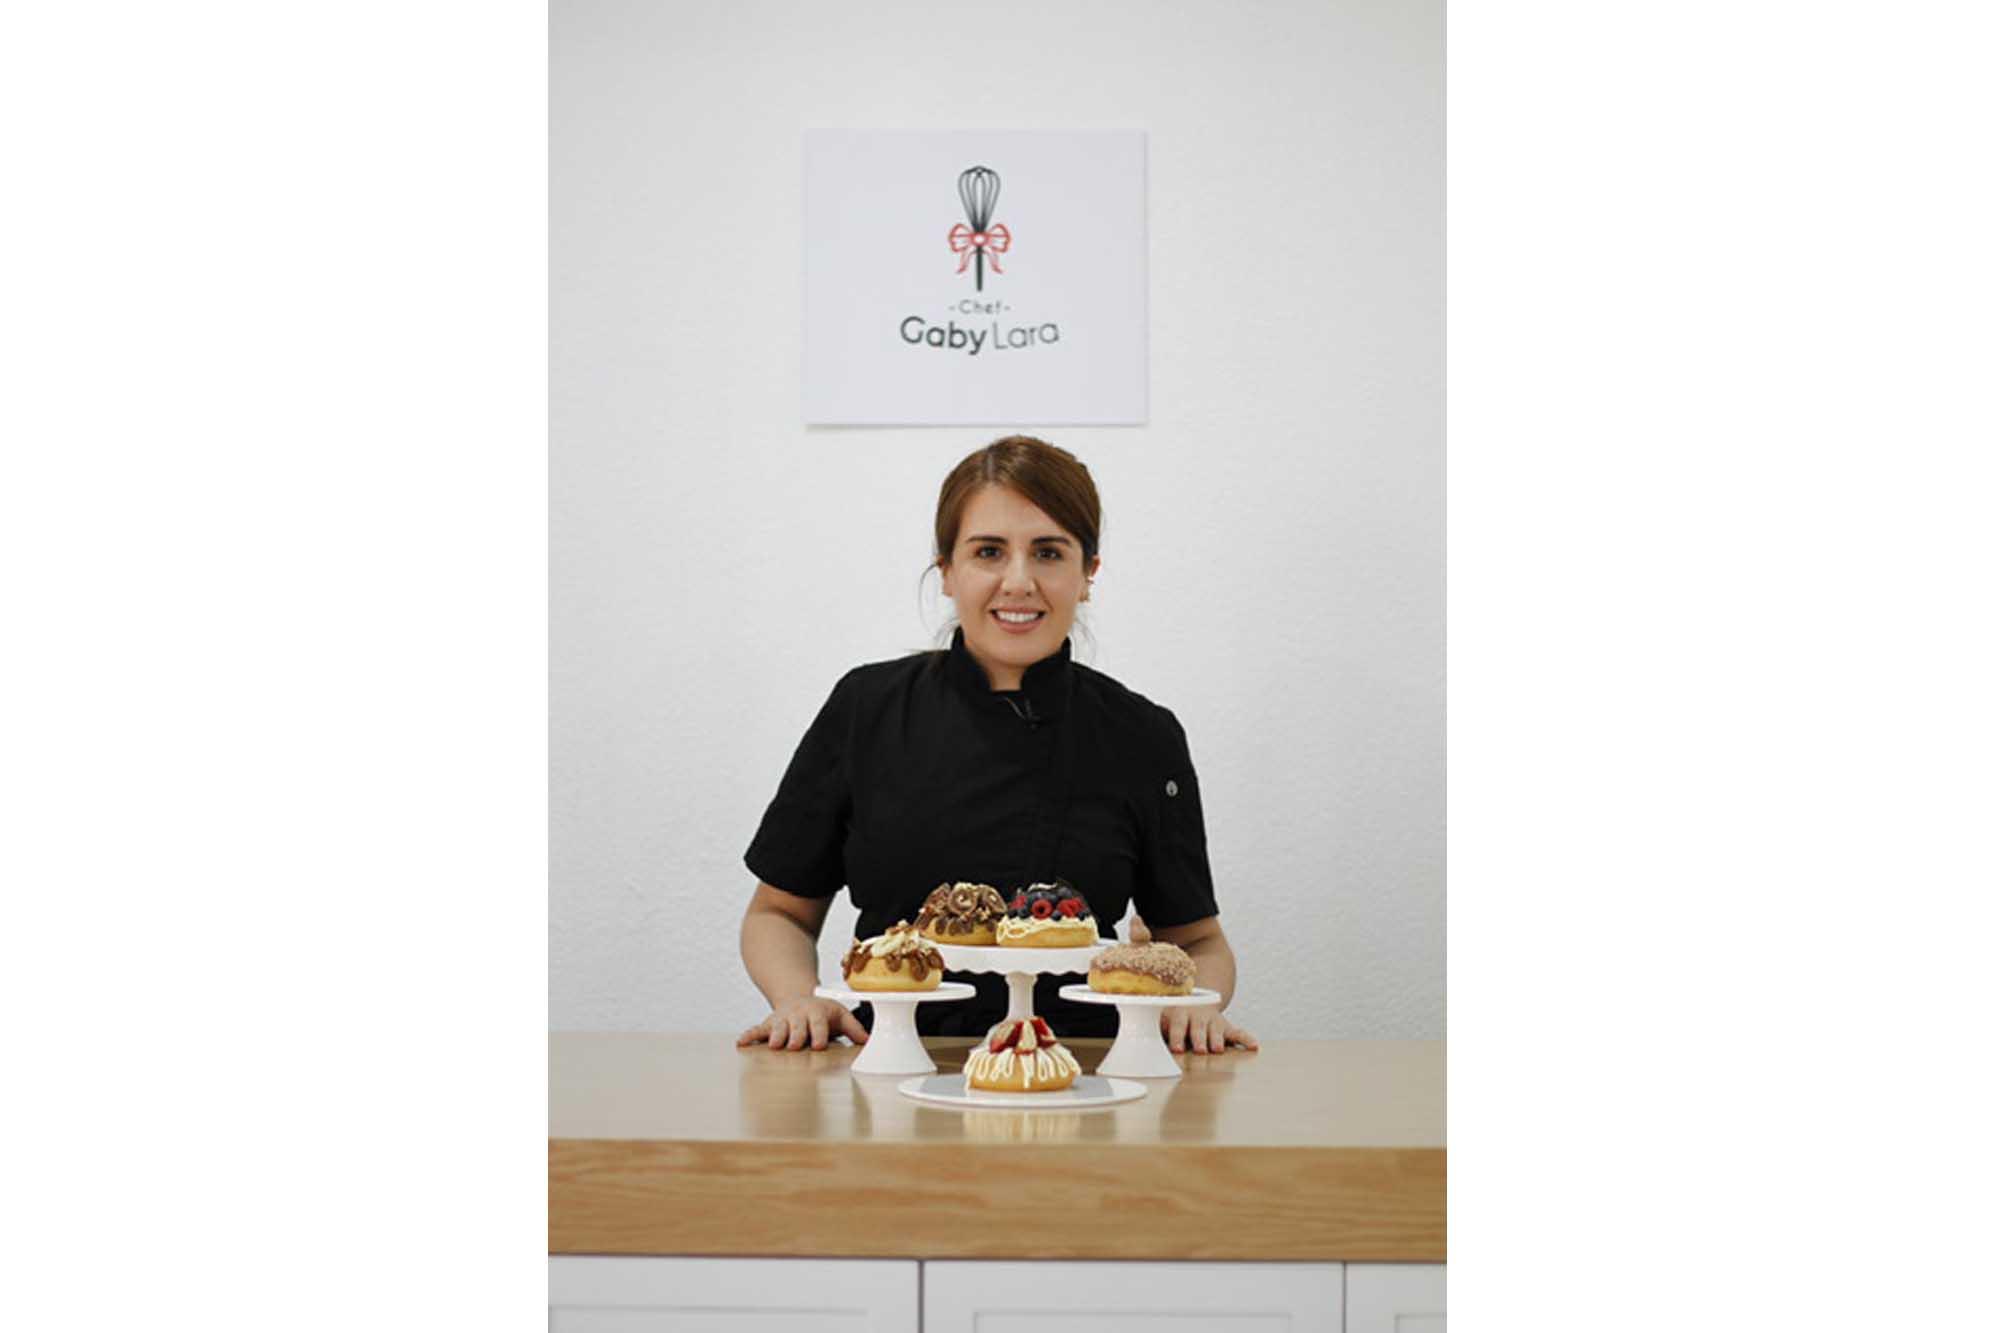 Chef Gaby Lara 221020